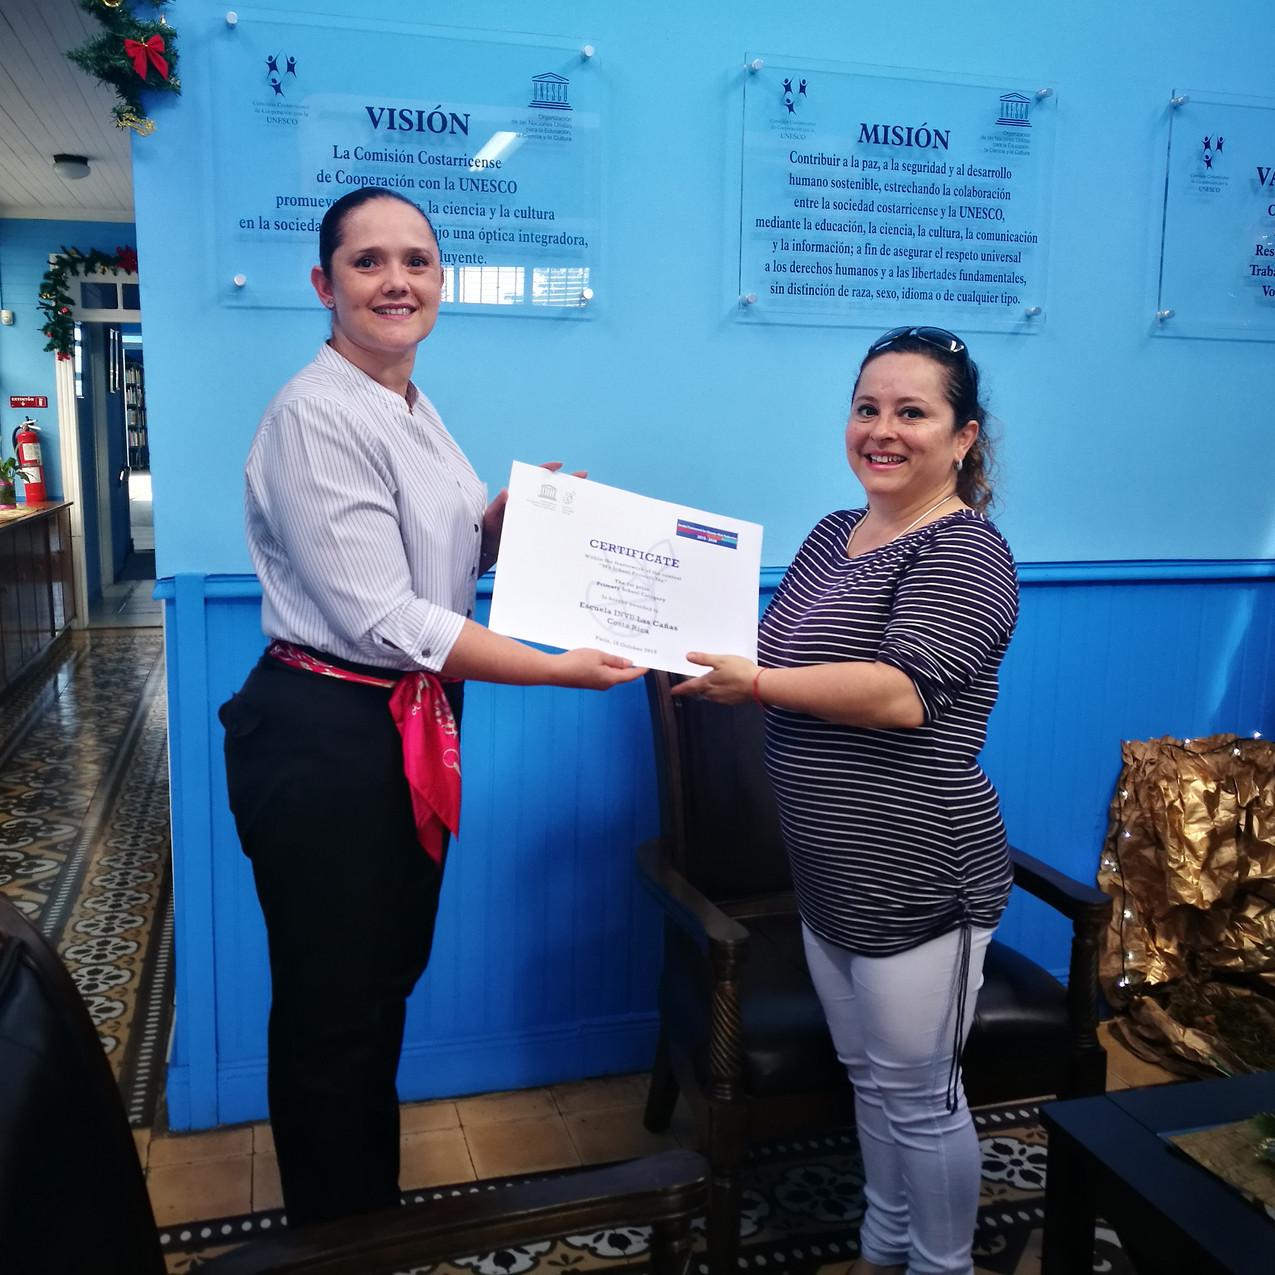 La Sra. Ma. Milagro Arce, docente de grado, recibe el reconocimiento para la Escuela INVU Las Cañas.